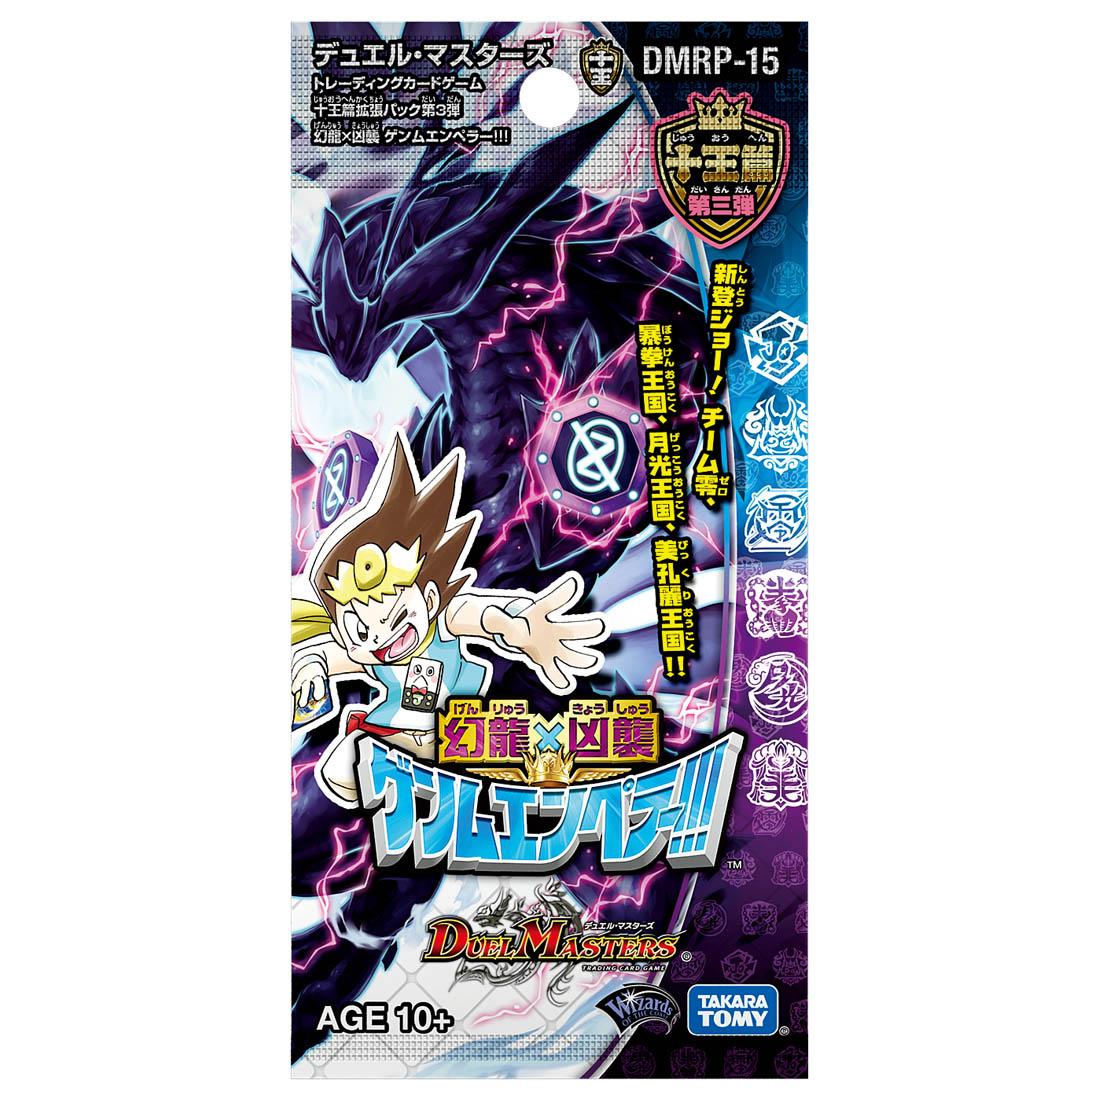 デュエル・マスターズTCGD『DMRP-15 十王篇拡張パック第3弾 幻龍×凶襲 ゲンムエンペラー!!!』DP-BOX-002